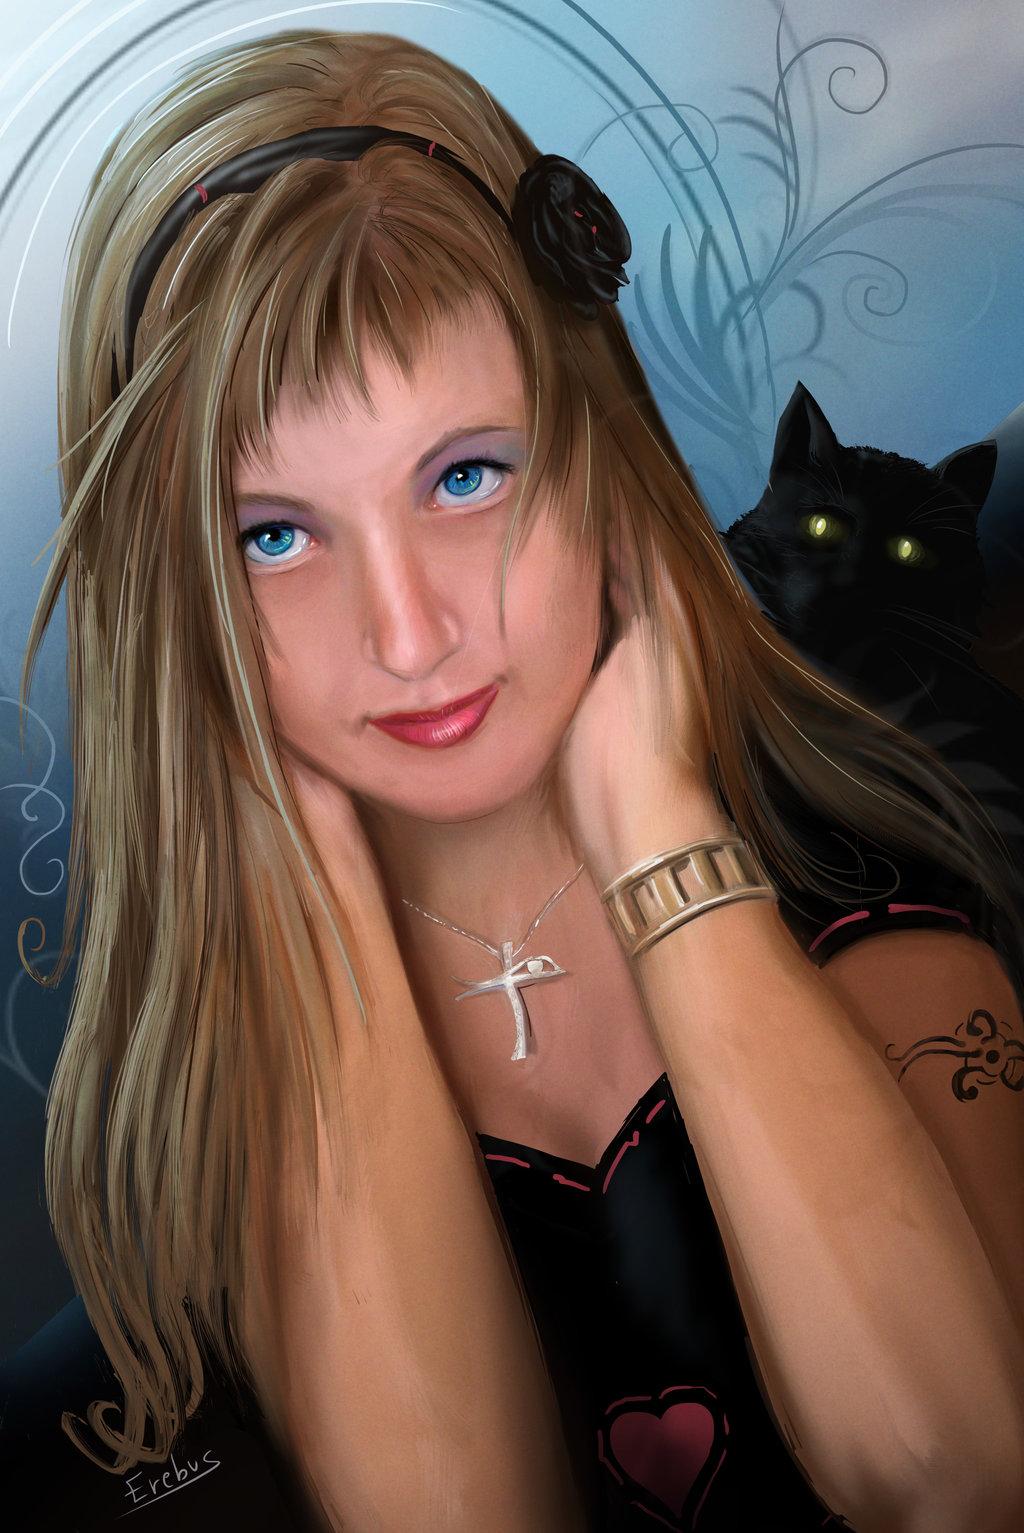 My wife Tizzy